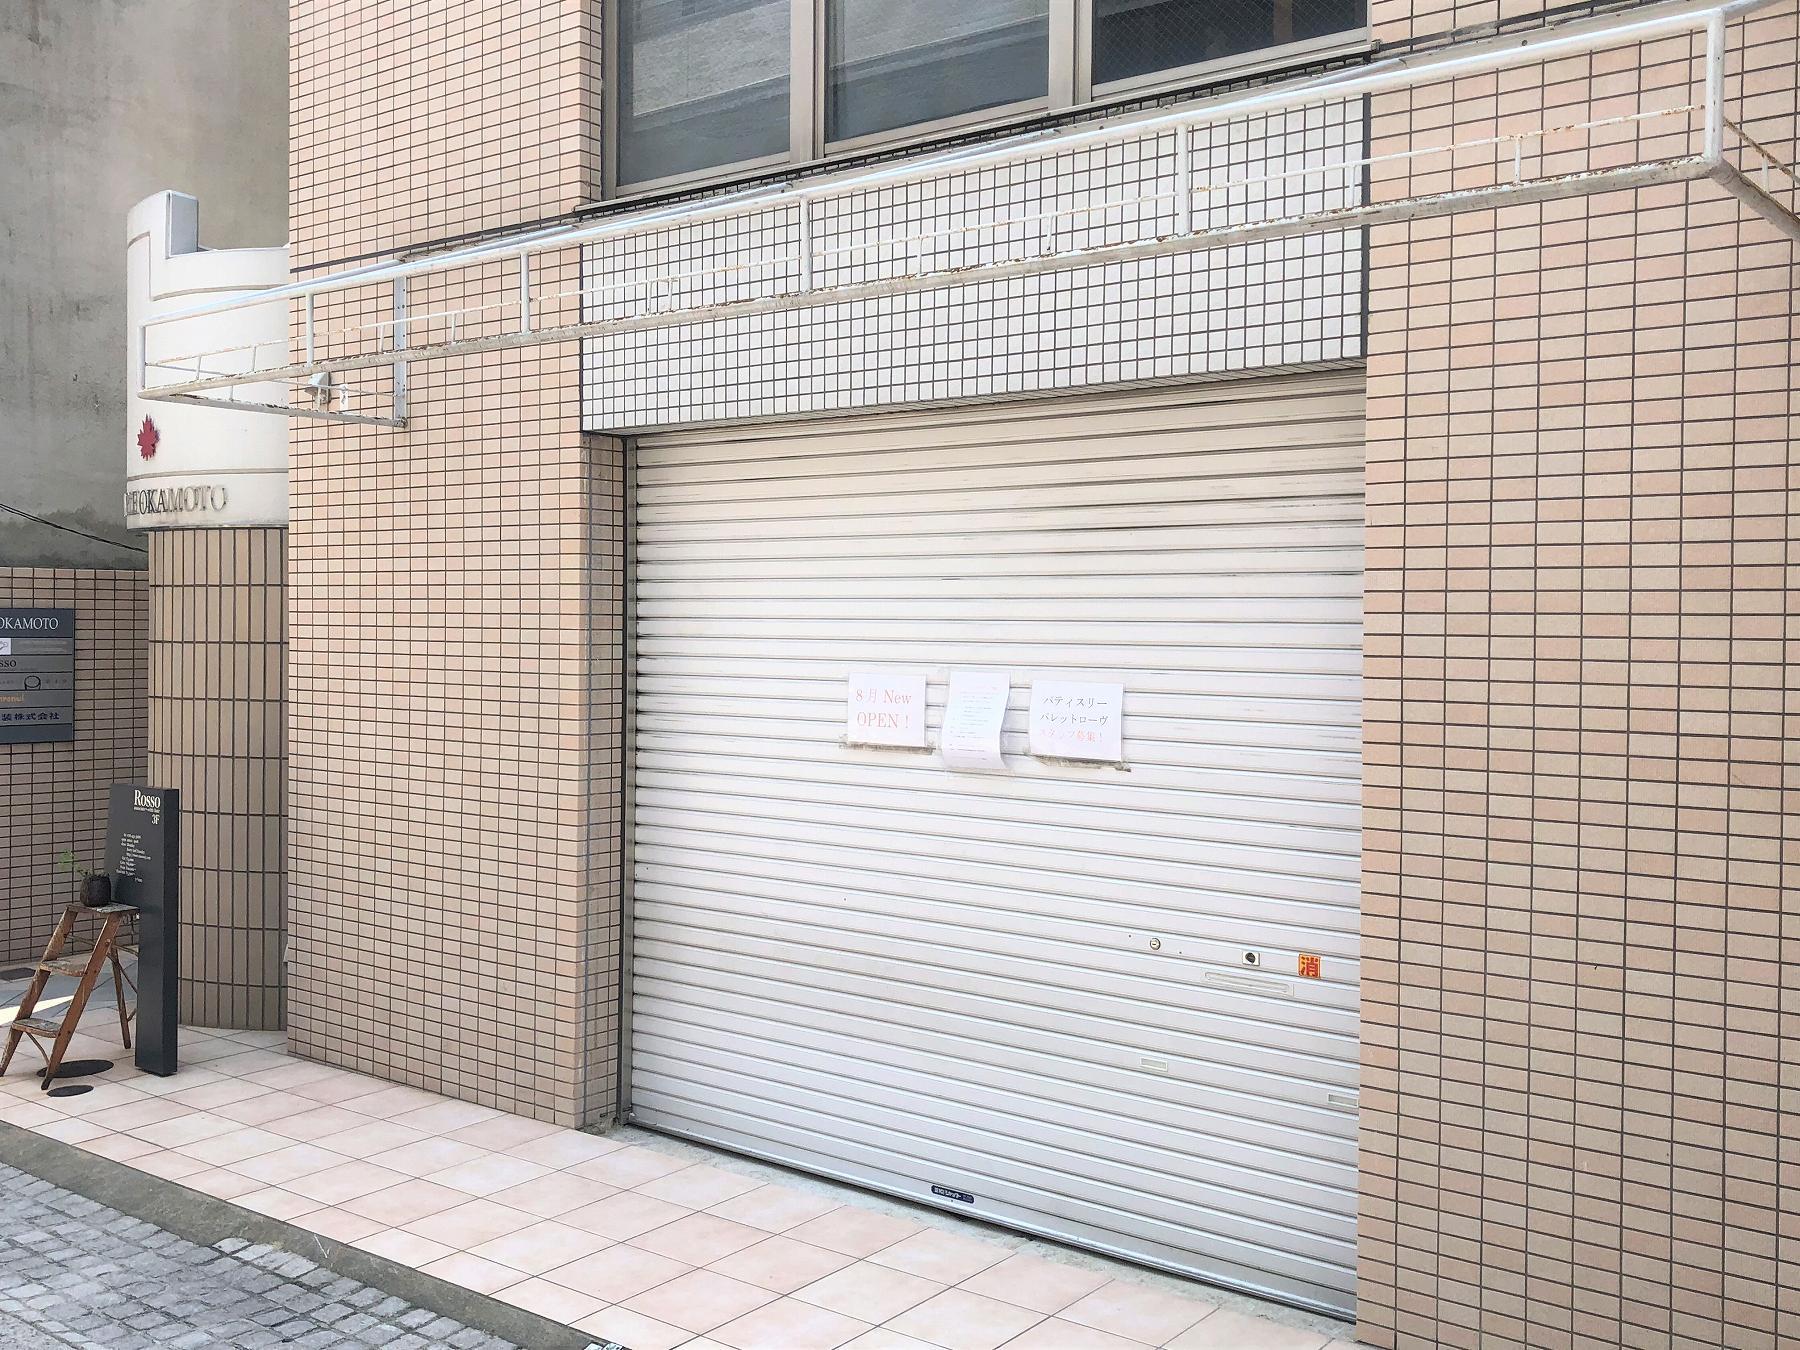 神戸・岡本に2018年8月「パティスリーパレットローヴ」がオープン予定だよ! #神戸岡本 #新規オープン #スイーツ